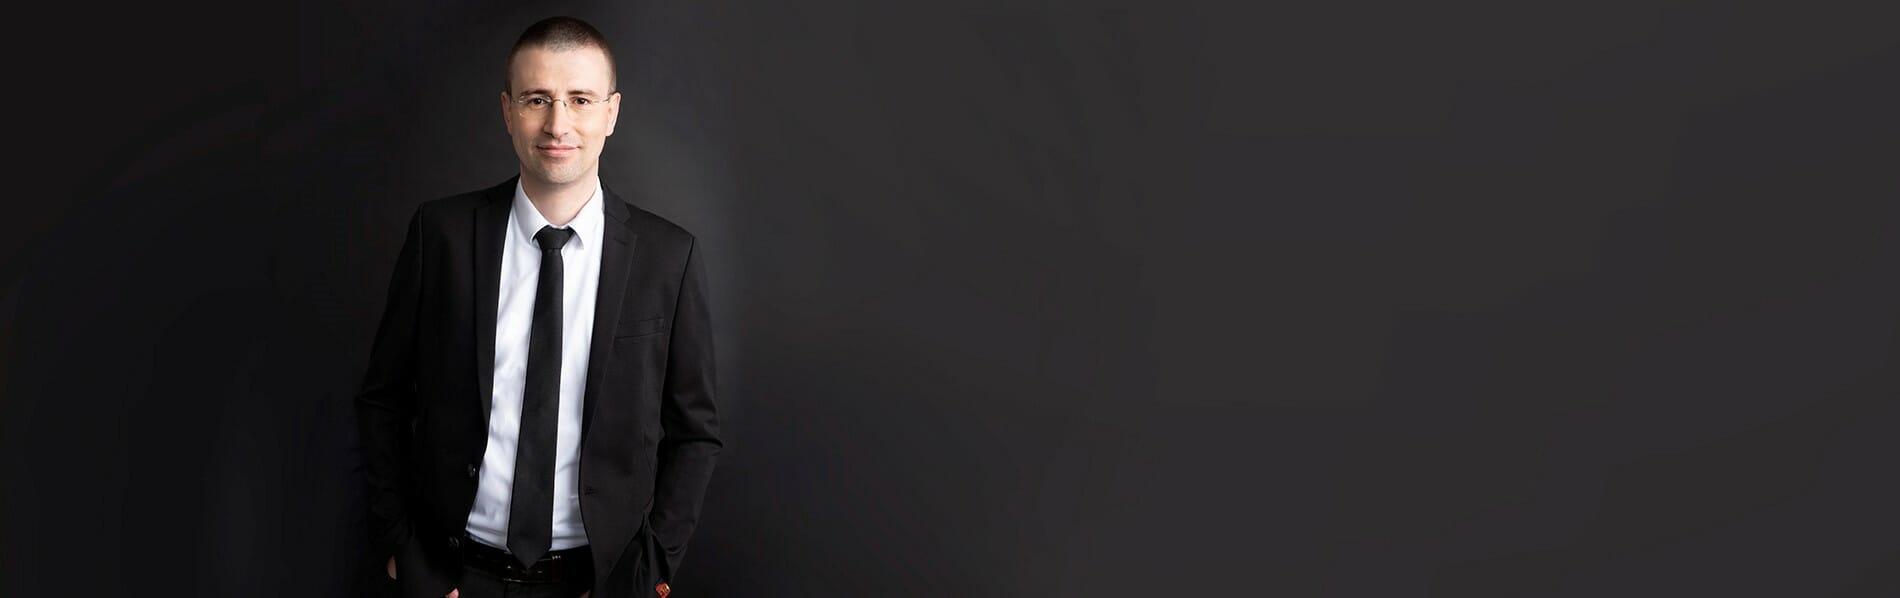 עורך דין סרגיי (דוד) מורין